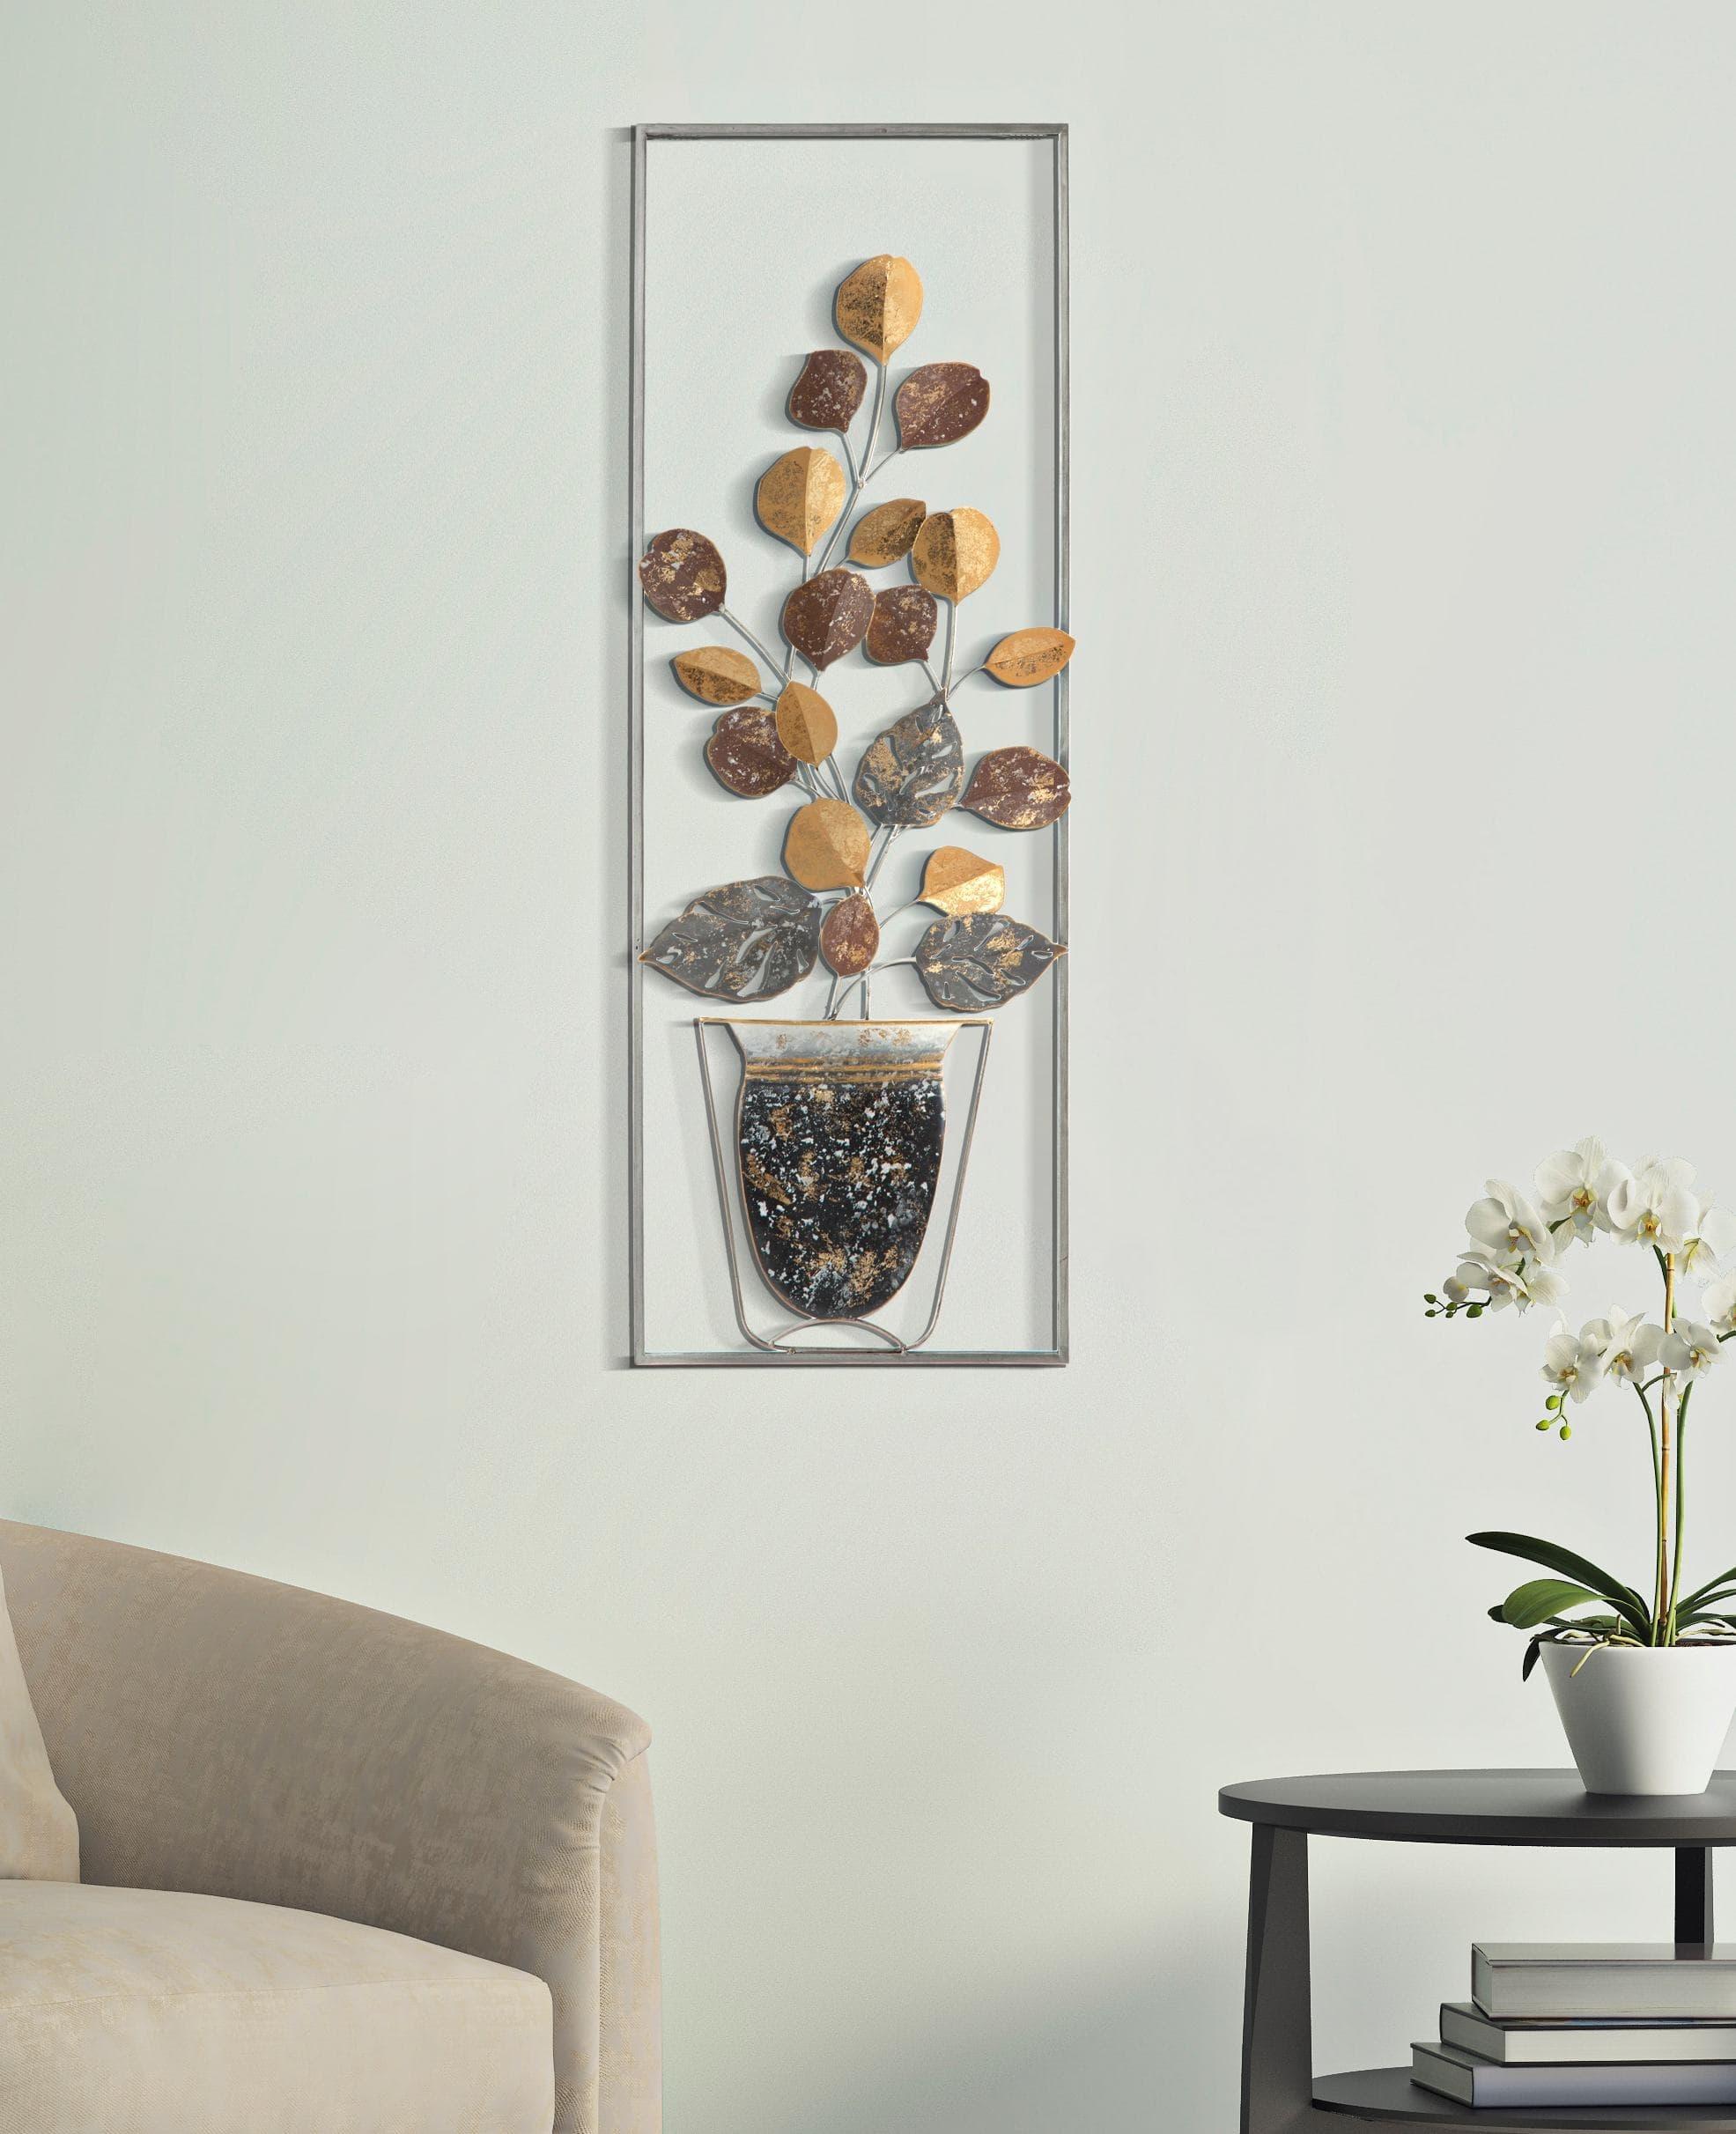 Decoratiune metalica de perete Vase A Multicolor, l31xA3,5xH89,5 cm poza